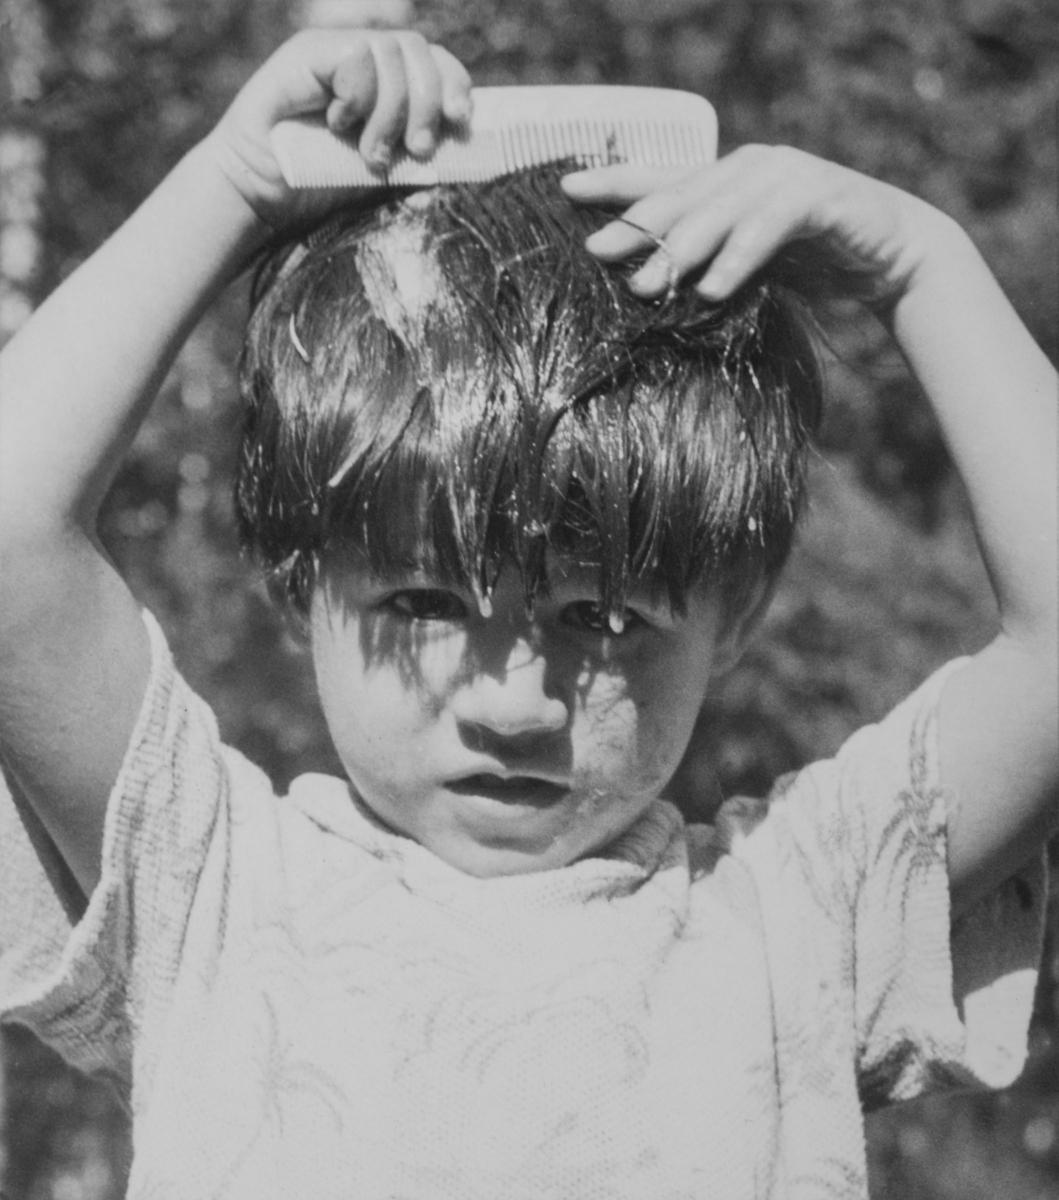 """I texten som finns bevarad till denna bild uppges att pojken på bilden längtar efter att gå i skolan. Bilden är tagen i samband med ett reportage om romers skolgång i Barkargärdets småskola i Borlänge. Trots att Sverige haft skolplikt sedan 1842 har inte alla barn haft rätt att gå i skolan. Redan 1933 skrev Johan Dimitri Taikon till skolöverstyrelsen och bad om skolundervisning för romska barn. Först tio år senare blev Dimitri Taikon hörsammad då han tillsammans med den frikyrkligt engagerade Otto Sundberg blev beviljad 1500 kronor för att starta en """"försöksskola"""" vid lägret i Lilla Sköndal, Gubbängen i Stockholm. Denna verksamhet kom senare att drivas för Stiftelsen Svensk Zigenarmission, grundad 1945, som drev sommarskola för romska elever under hela 1940- och 1950-talen. Eleverna var mellan 6 och 60 år och satsningen blev mycket medialt uppmärksammad. Zigenarmissionen var dock kritiserad, både av romer och icke-romer, då man ansåg att romska barn skulle få samma möjligheter att gå i skola som andra svenska barn. Efter en tid med olika former av försöksverksamhet föreslog  """"Zigenarutredningen"""" (1954), den första """"invandrar- och integrationsutredningen"""" i Sverige, att romer skulle gå i vanliga skolor. Frågan om undervisningens organisering fick de enskilda skolorna att hantera på egen hand men från och med juni 1960 fanns möjlighet för kommuner att rekvirera bidrag från staten för speciell undervisning av romska barn. Först efter att alla romer fick bli bofasta på sextiotalet, fick samtliga romska barn möjlighet att gå i skola året om."""